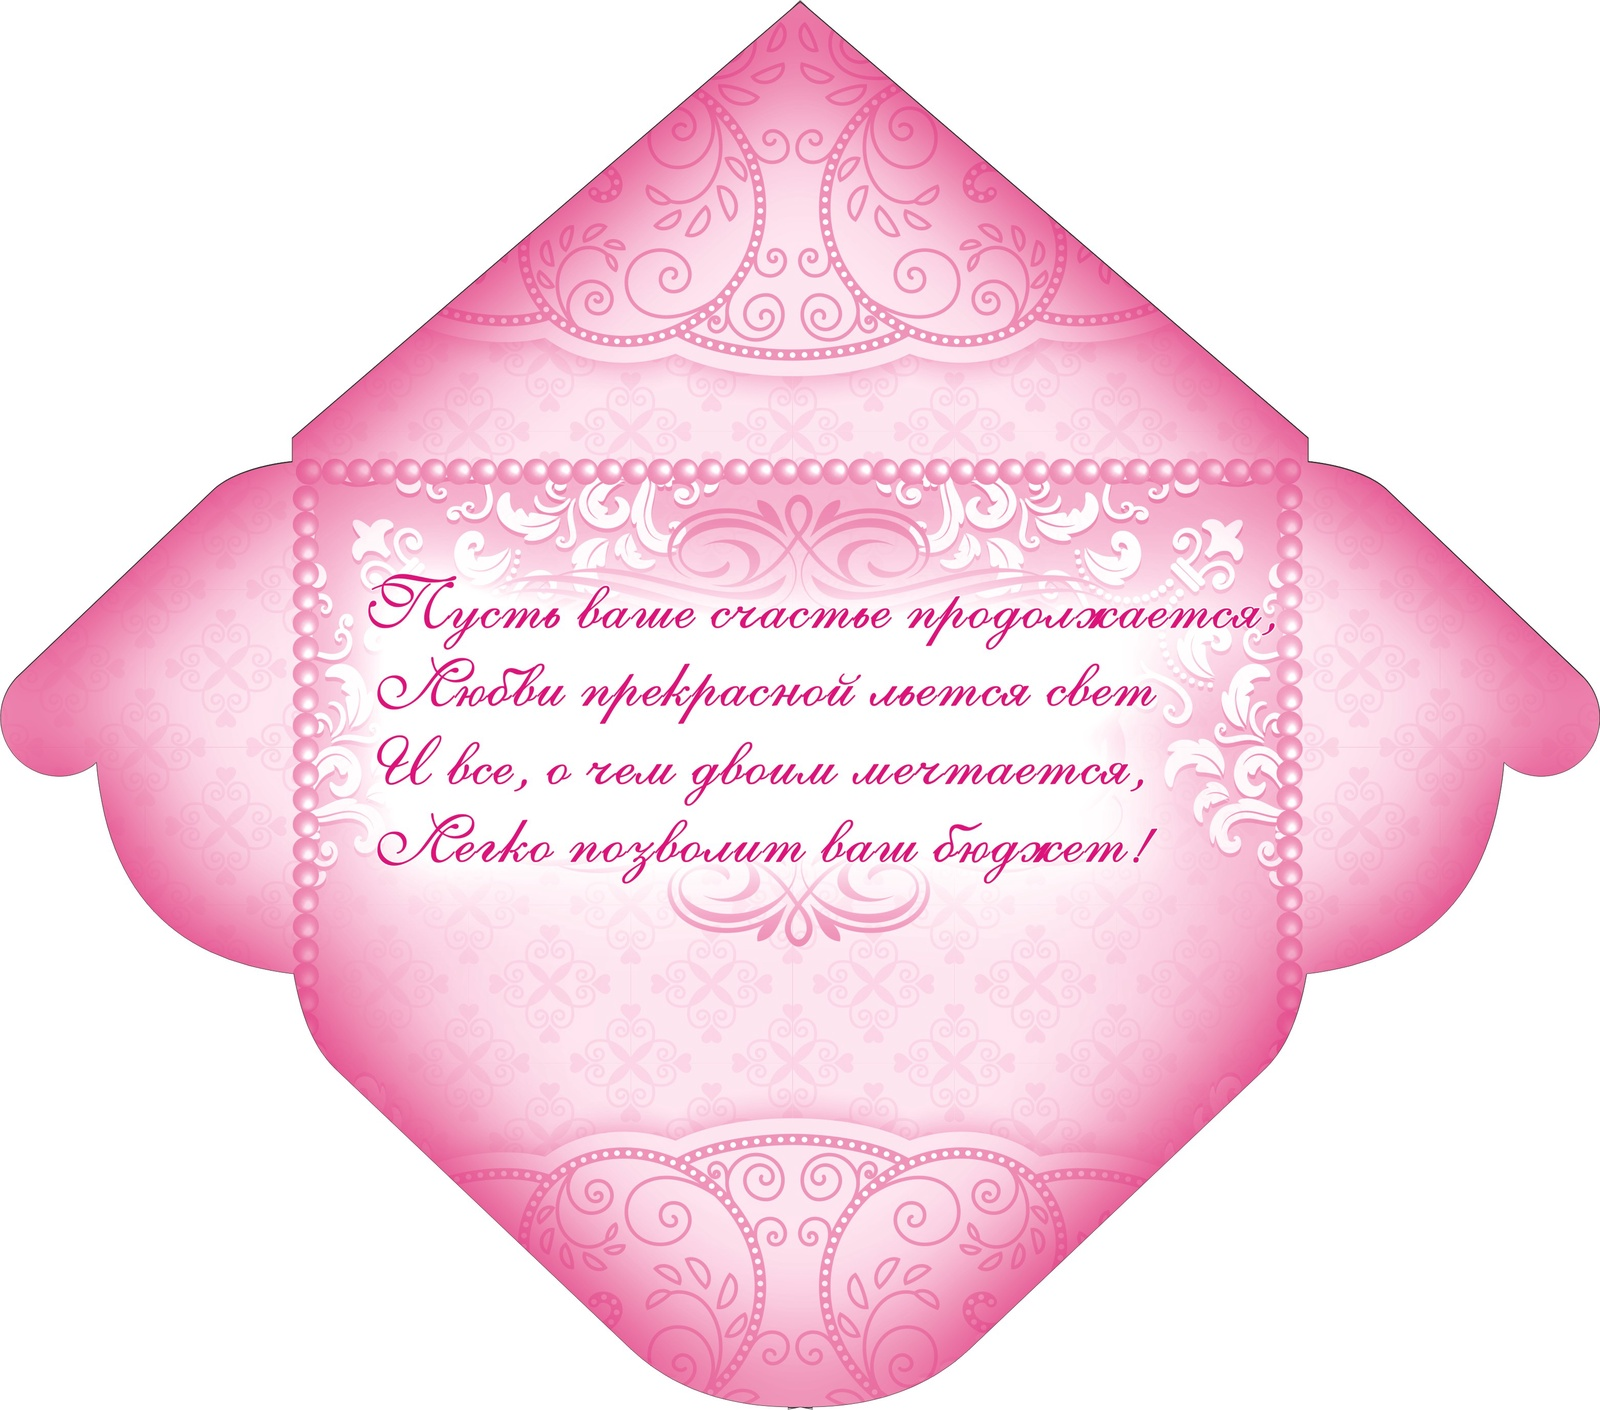 Образец для открытки для денег